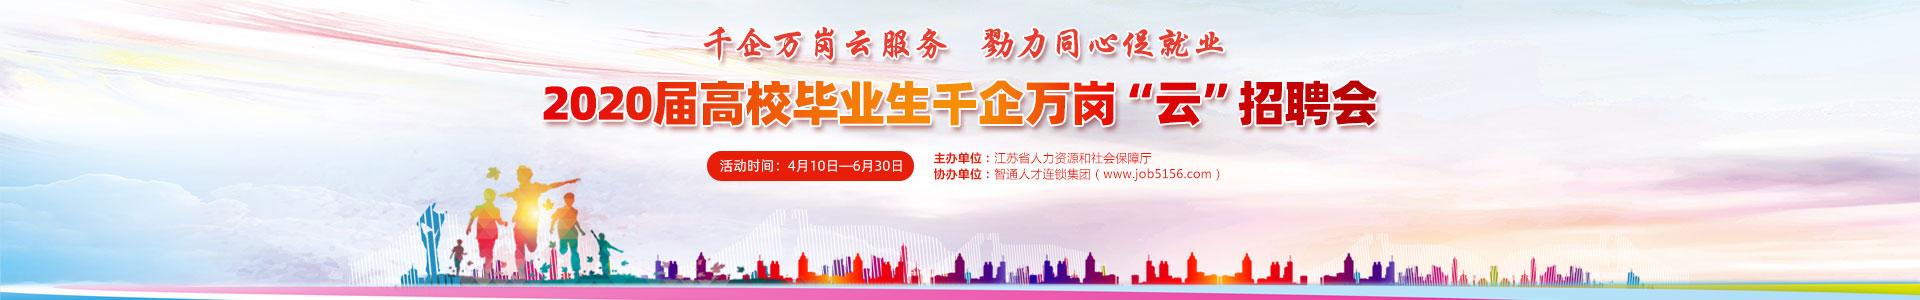 4.10 2020屆高校畢業生千企萬崗雲(yun)招聘會 紅色